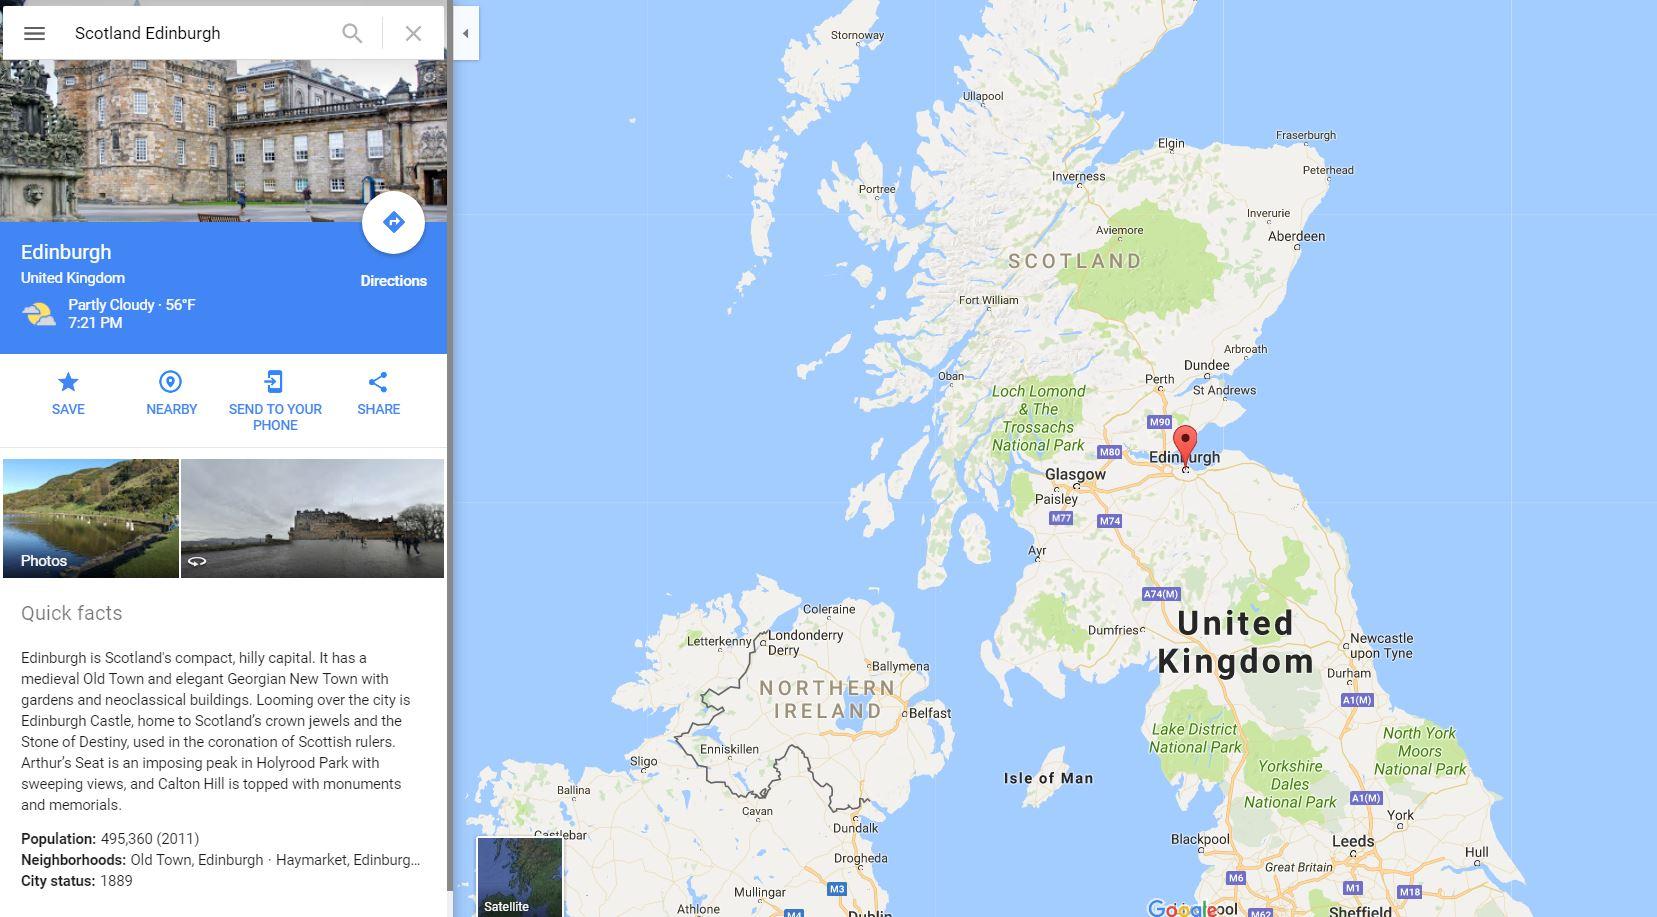 Scotland MapQuest